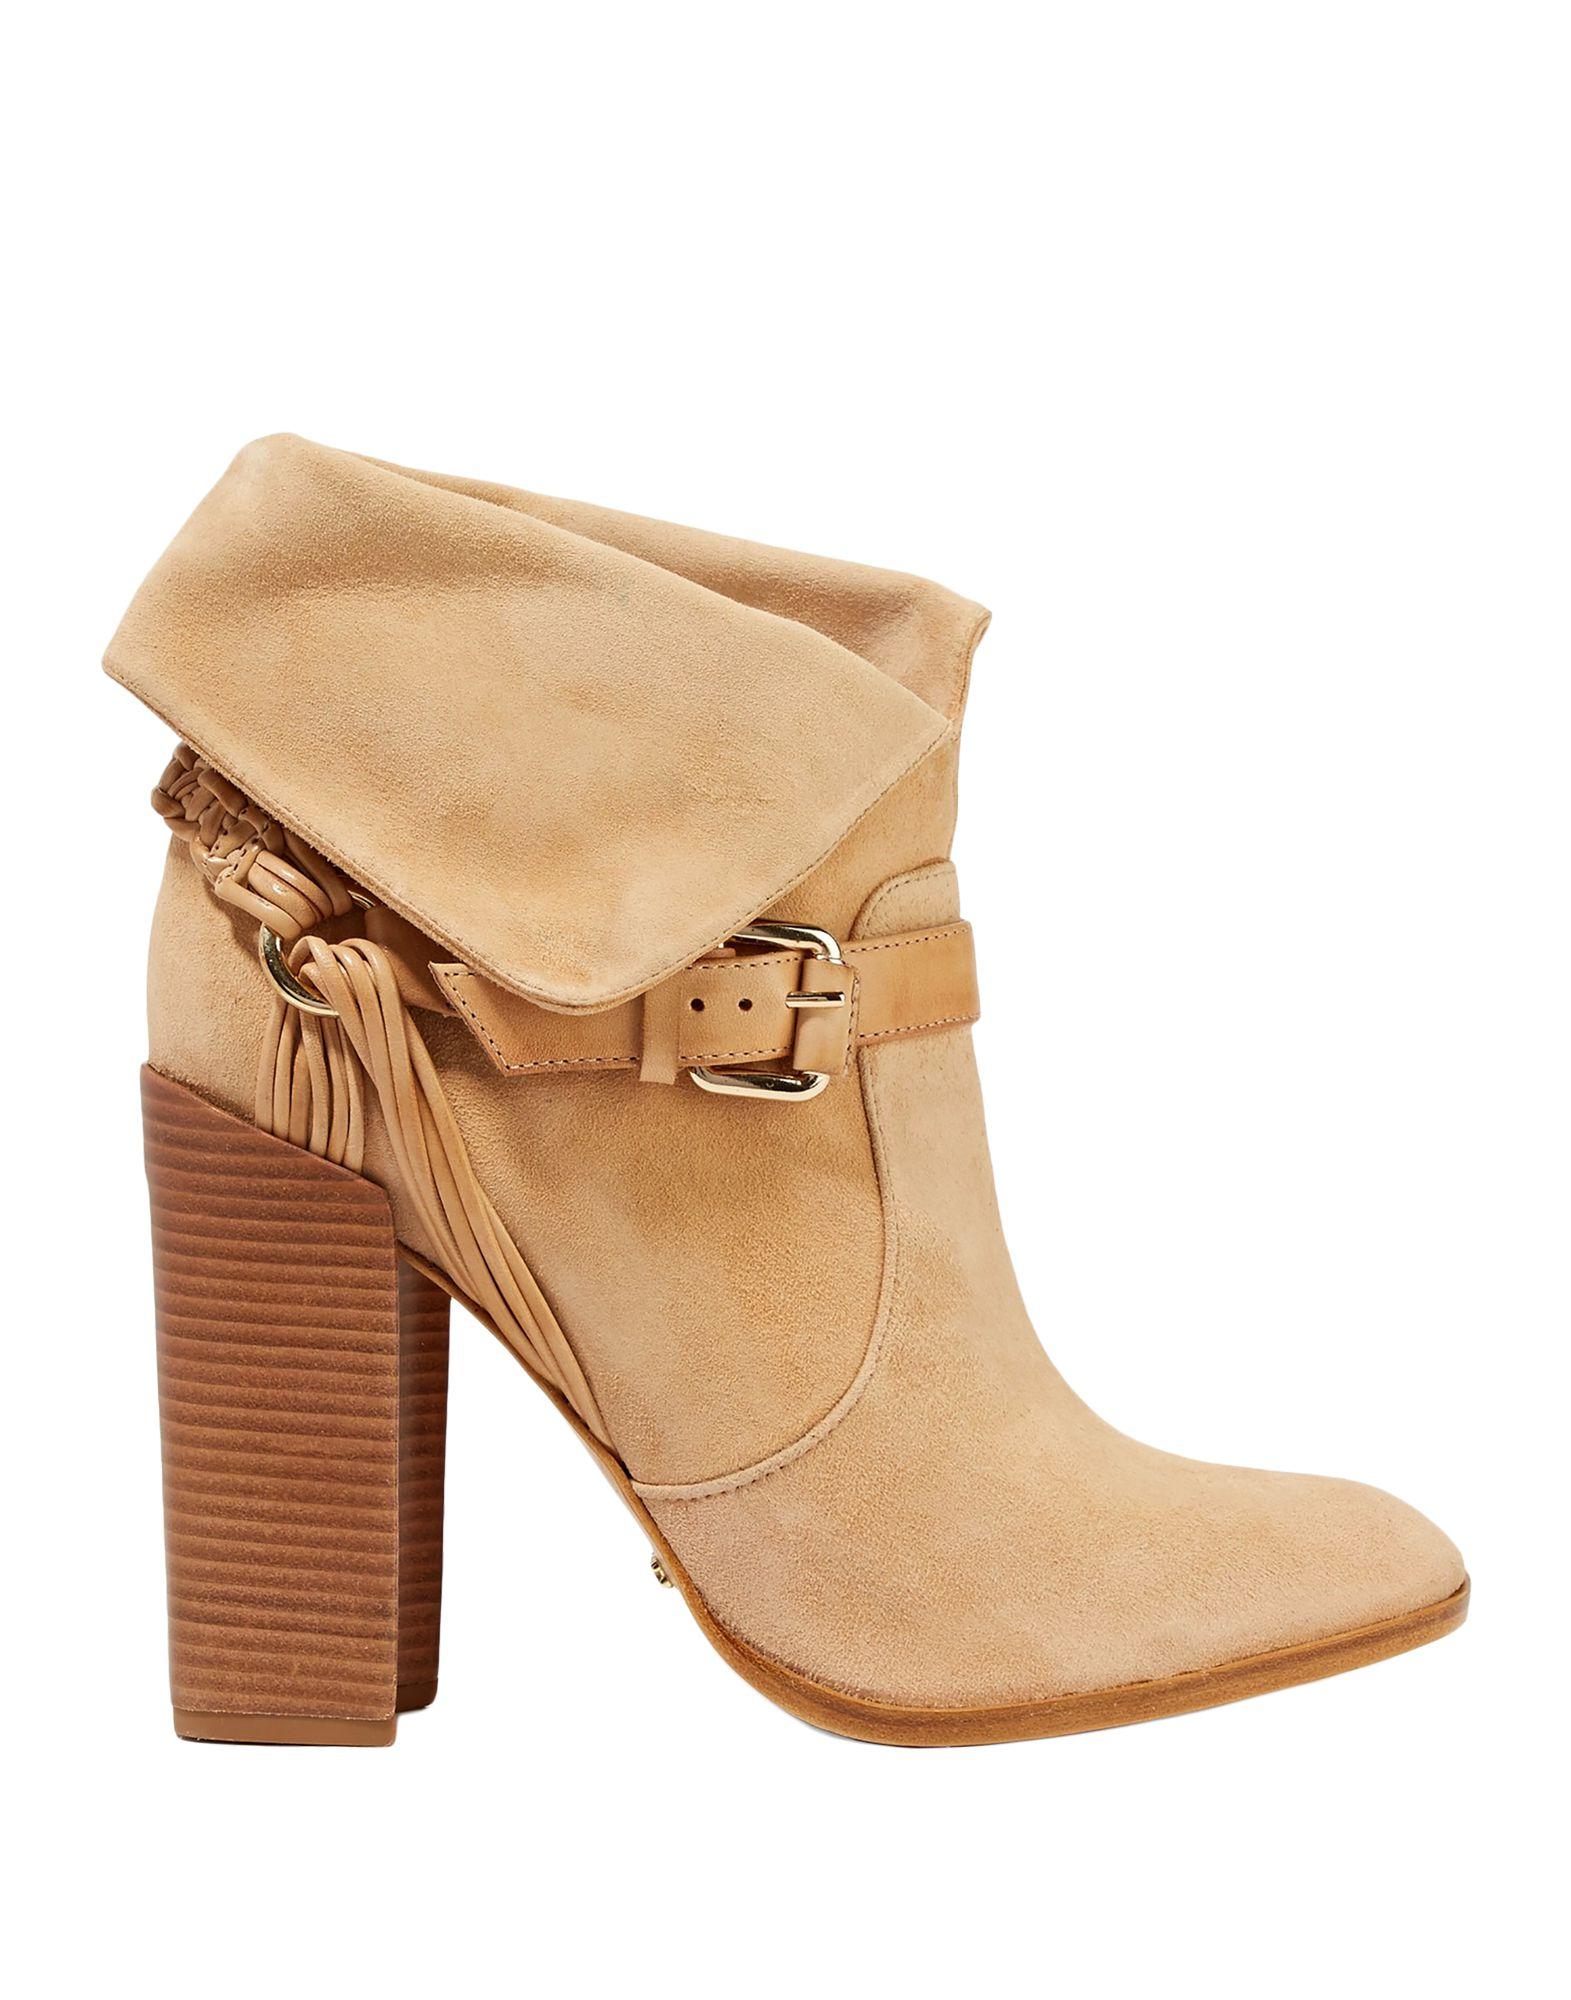 Schutz Ankle Boot - Women Schutz Ankle Boots online 11565607EQ on  Australia - 11565607EQ online 30d6c1